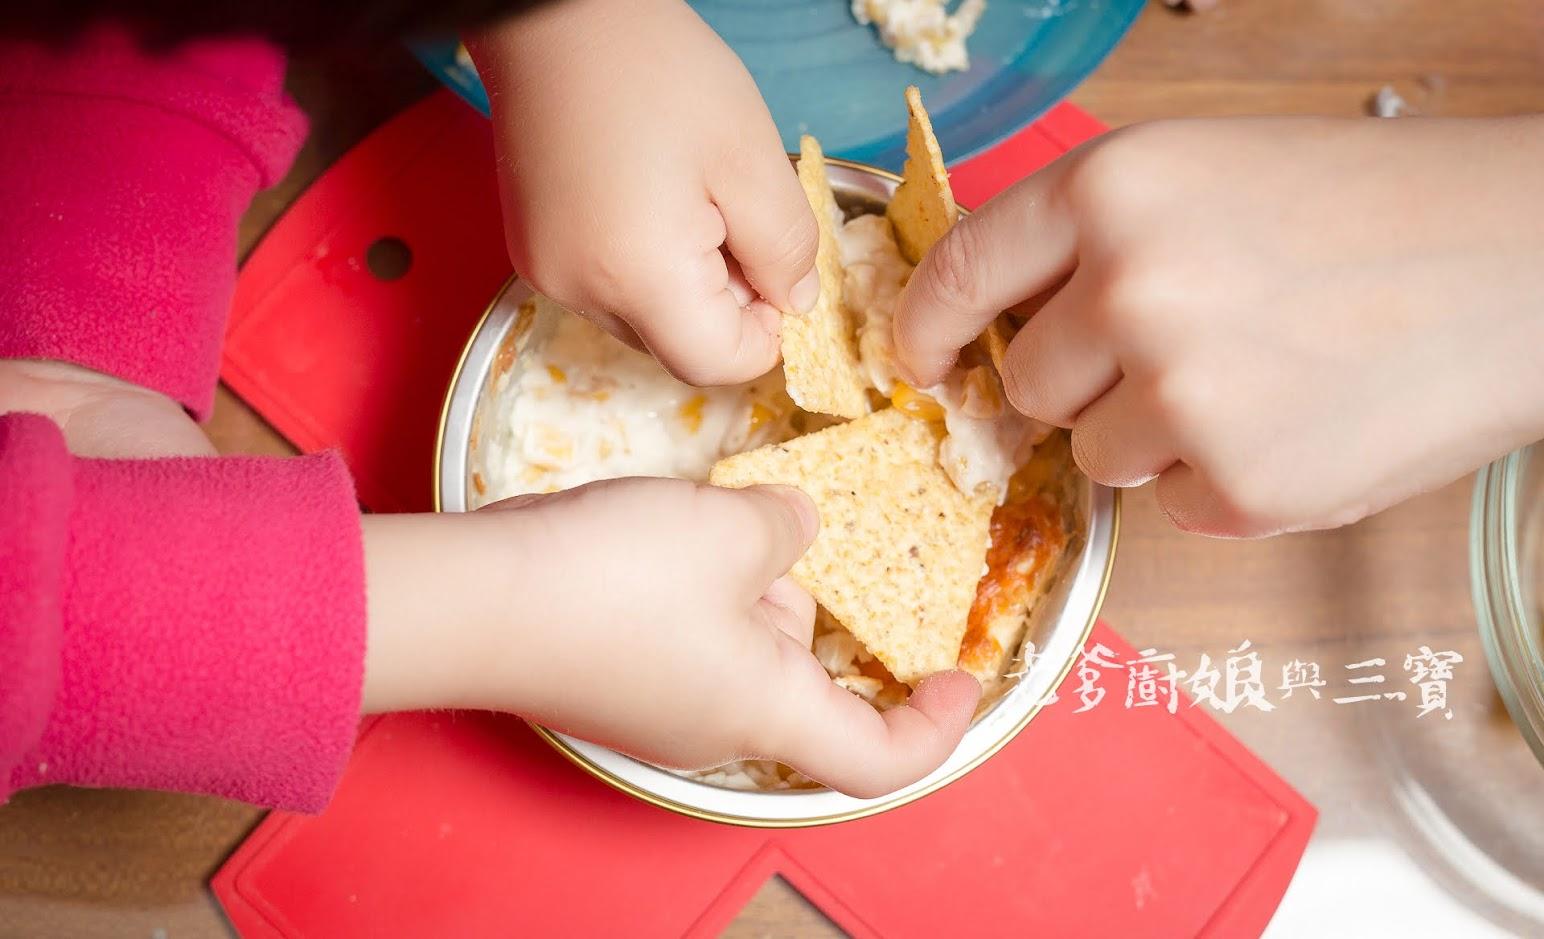 MeiD手工特濃玉米起司沾醬...同期老爹的美味創業之路,磅秤毀滅者!